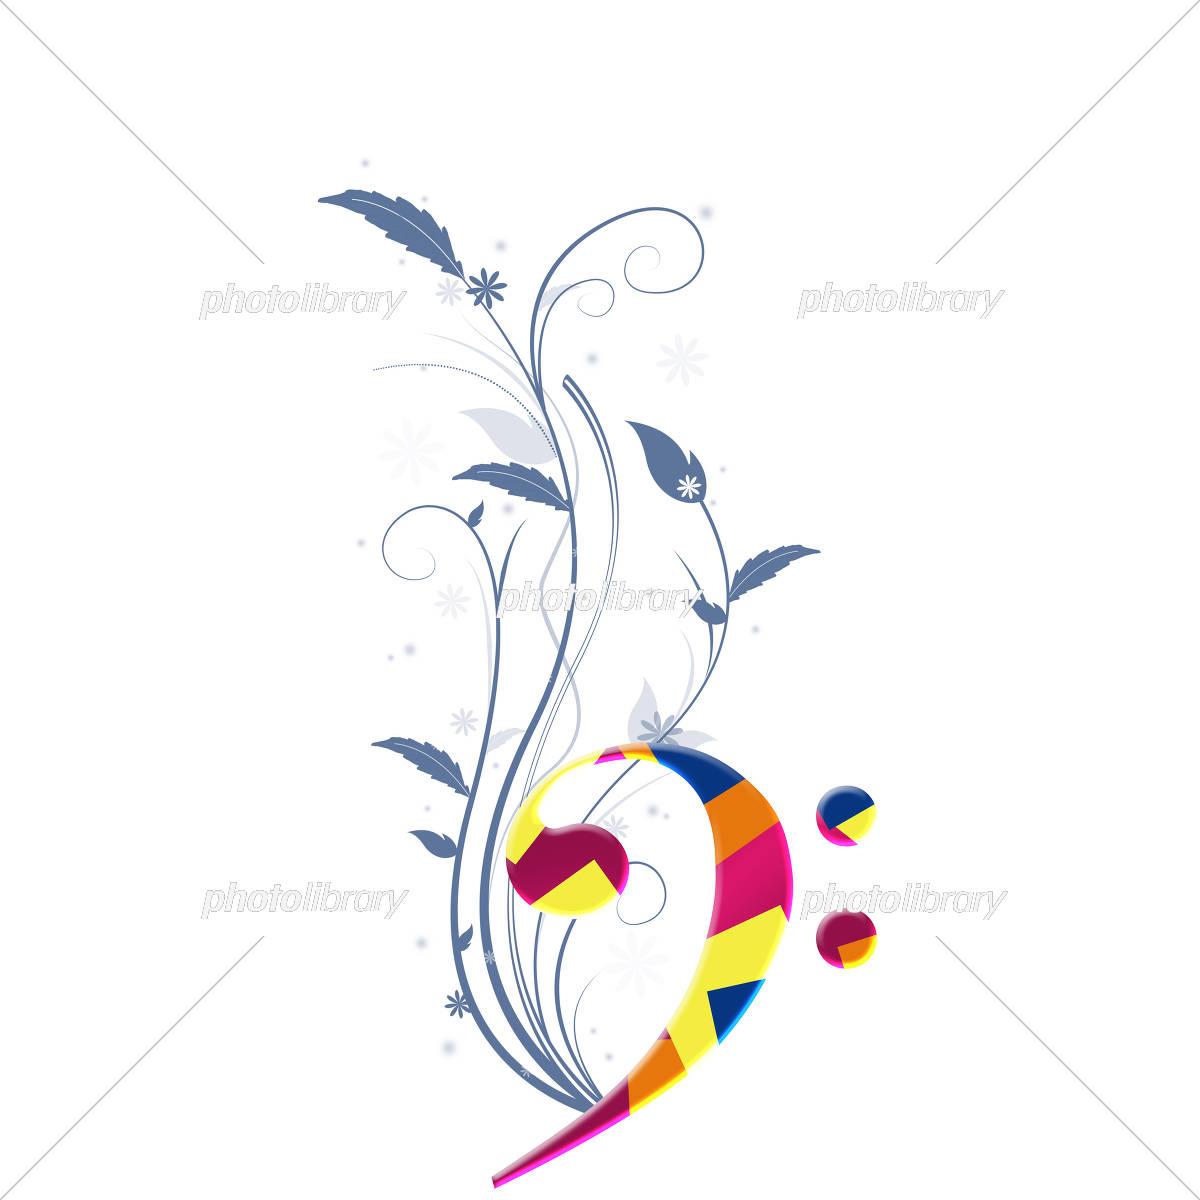 音楽 楽譜 譜面 ミュージック ト音記号 音符 イラスト素材 5753092